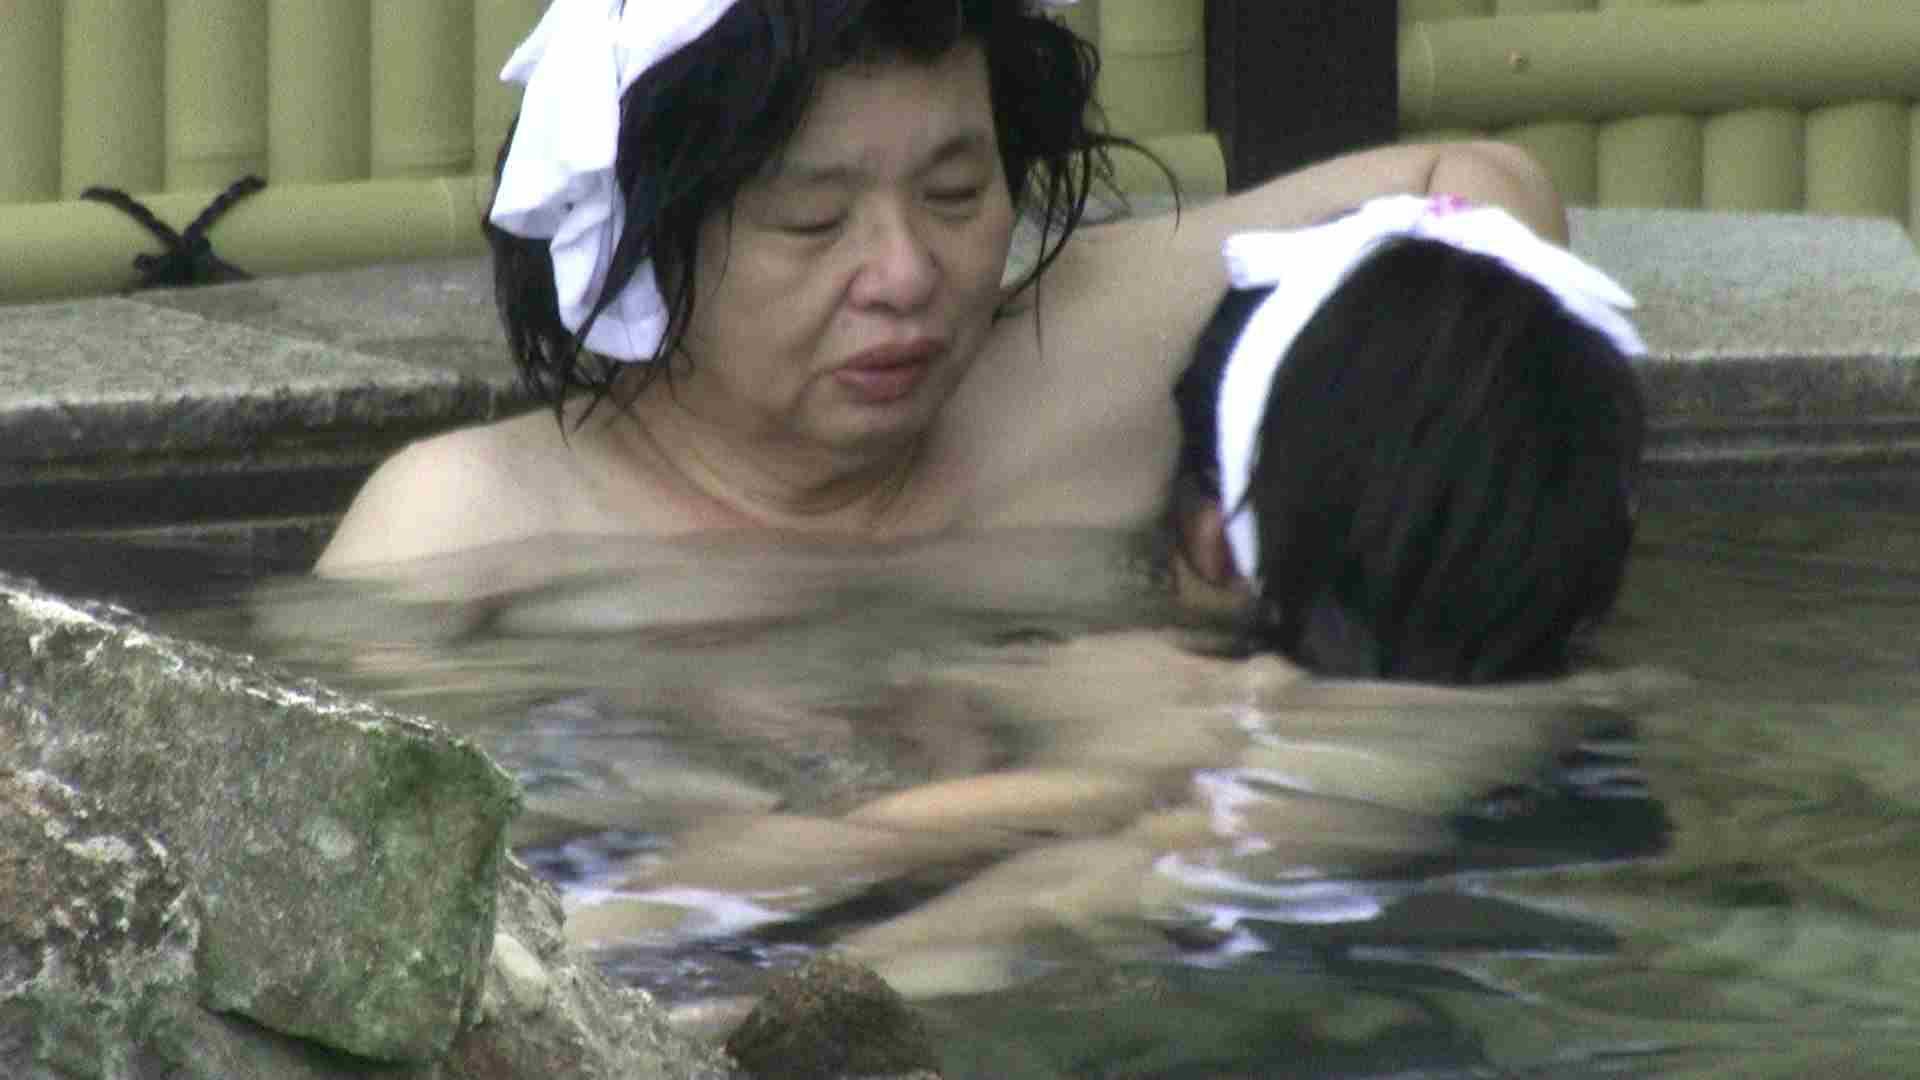 Aquaな露天風呂Vol.179 OLエロ画像 | 盗撮  78PICs 25